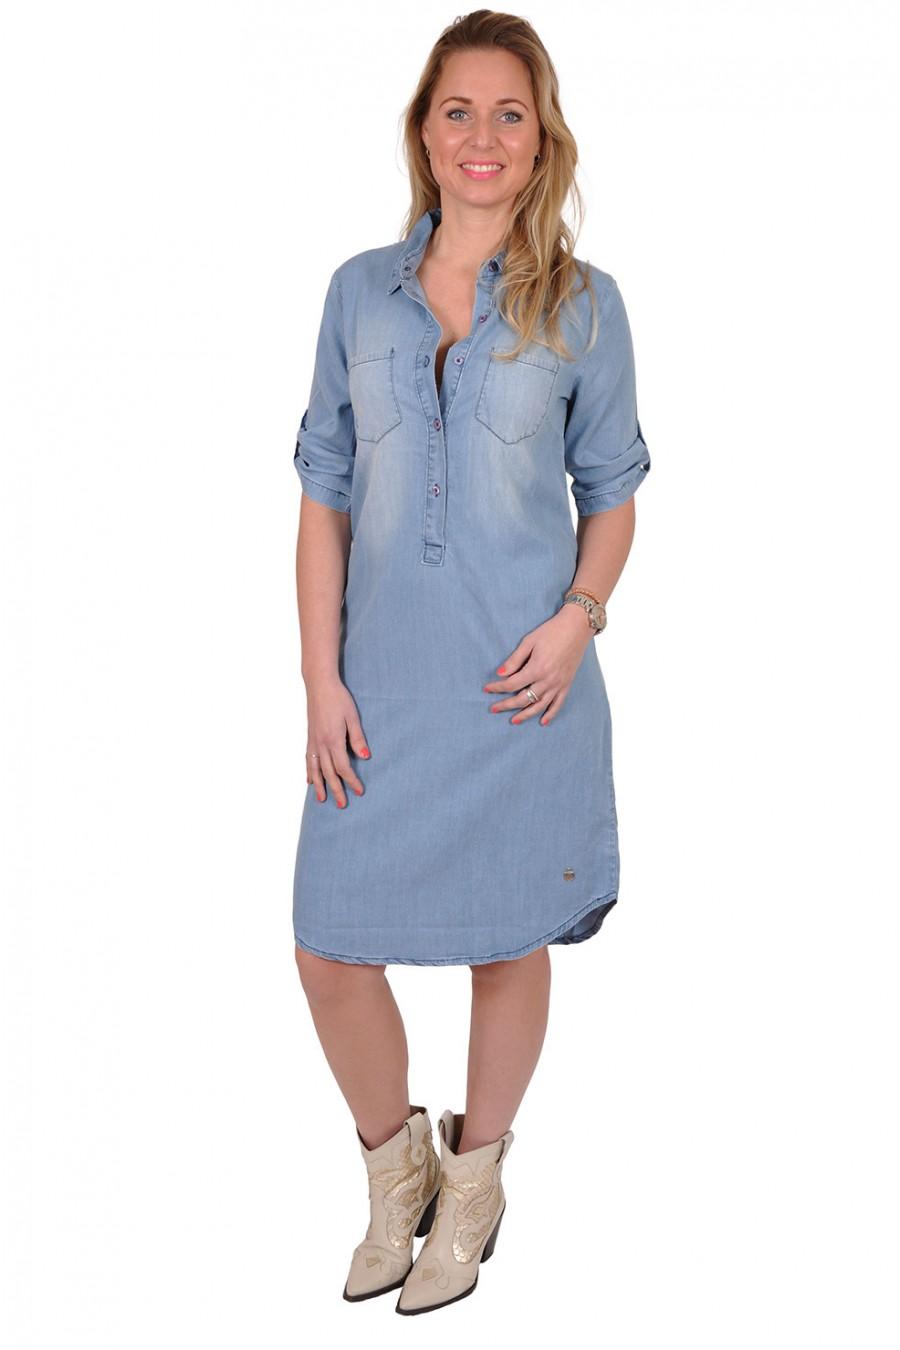 Denim jurk van tencel Eva Eva Fashion